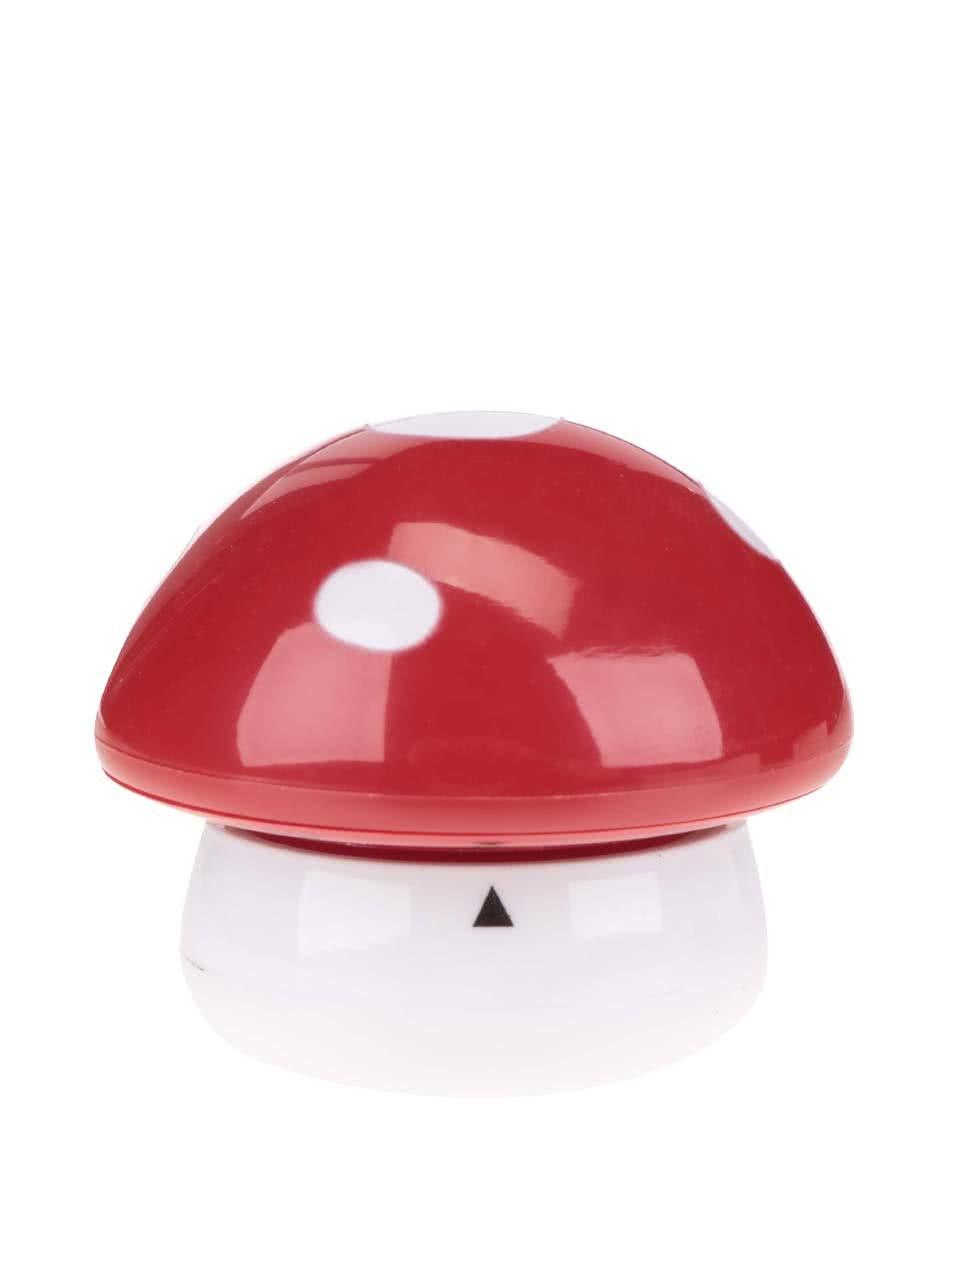 Červeno-bílá minutka do kuchyně Kikkerland Mushroom